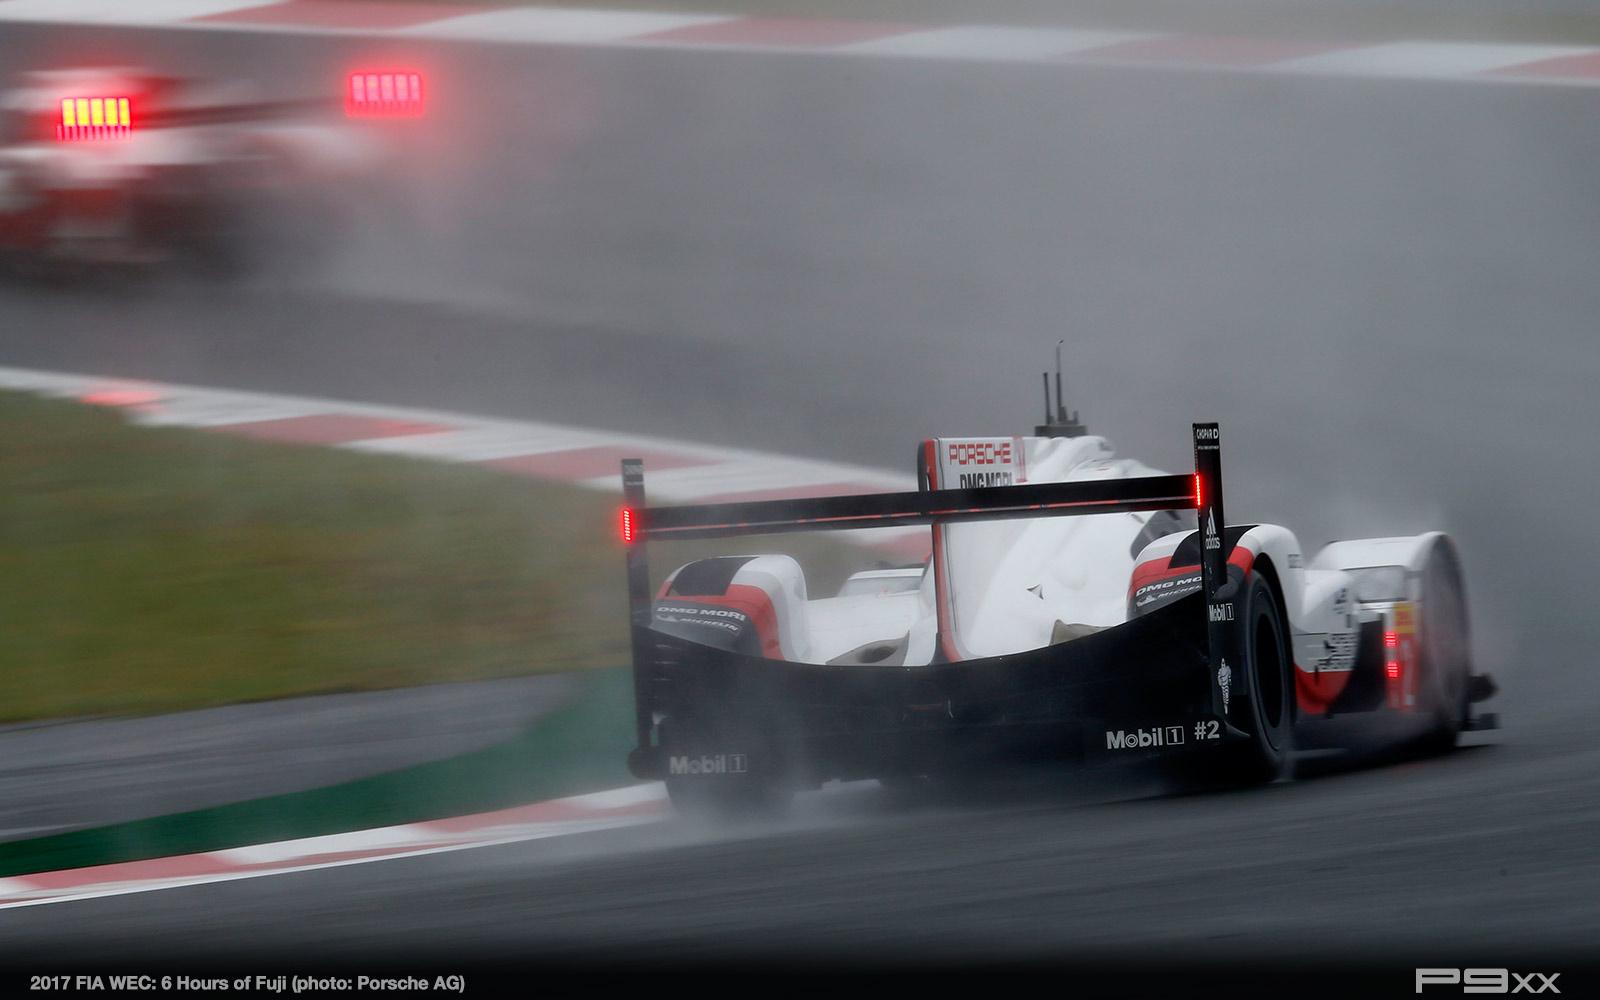 2017-FIA-WEC-6h-of-Fuji-Porsche-369